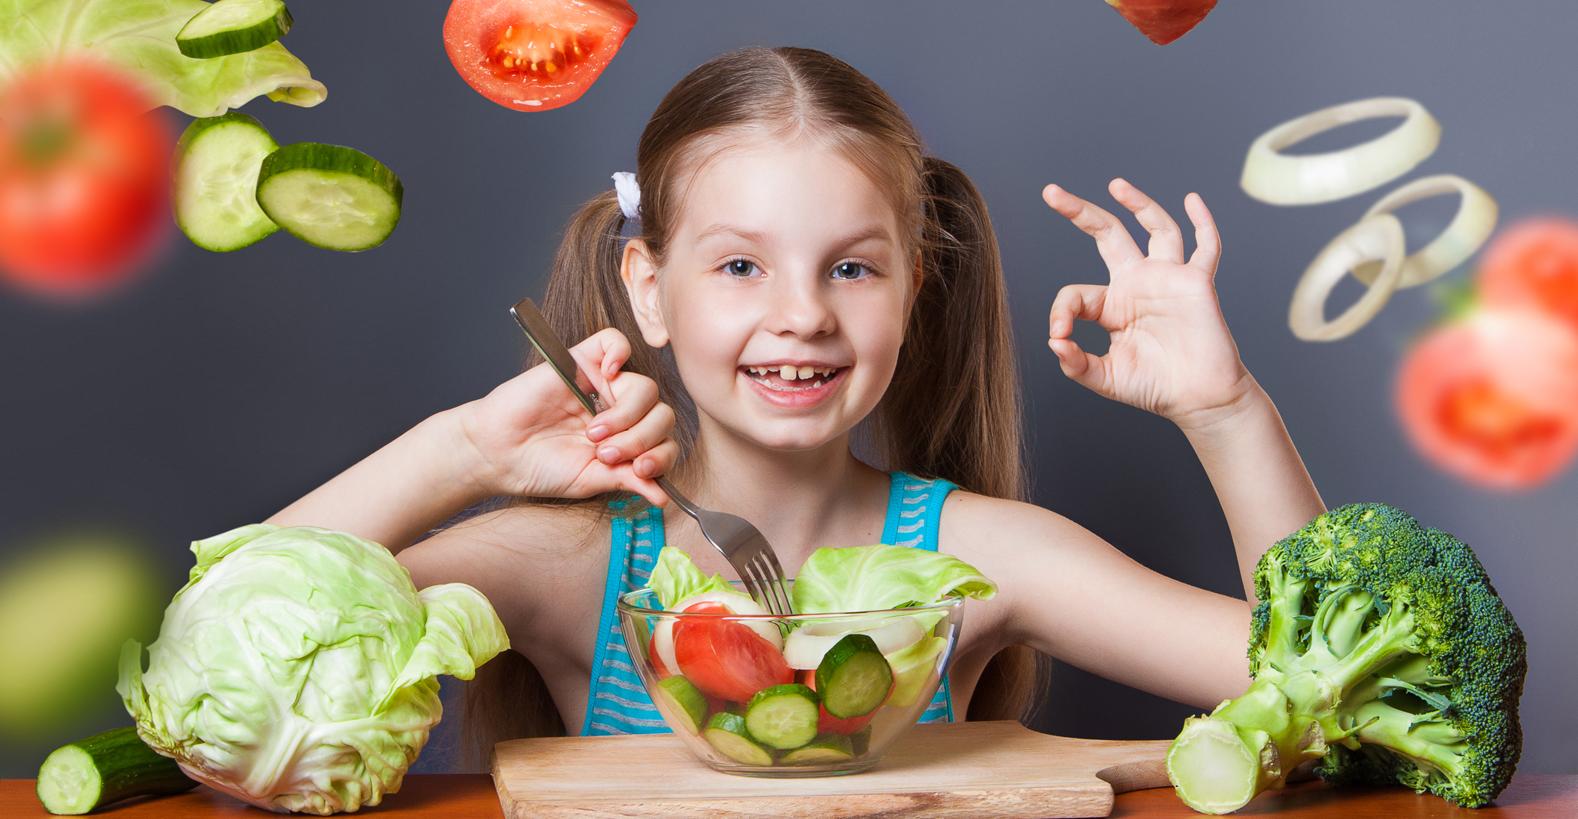 Самый легкий путь для здоровья вашего ребенка.